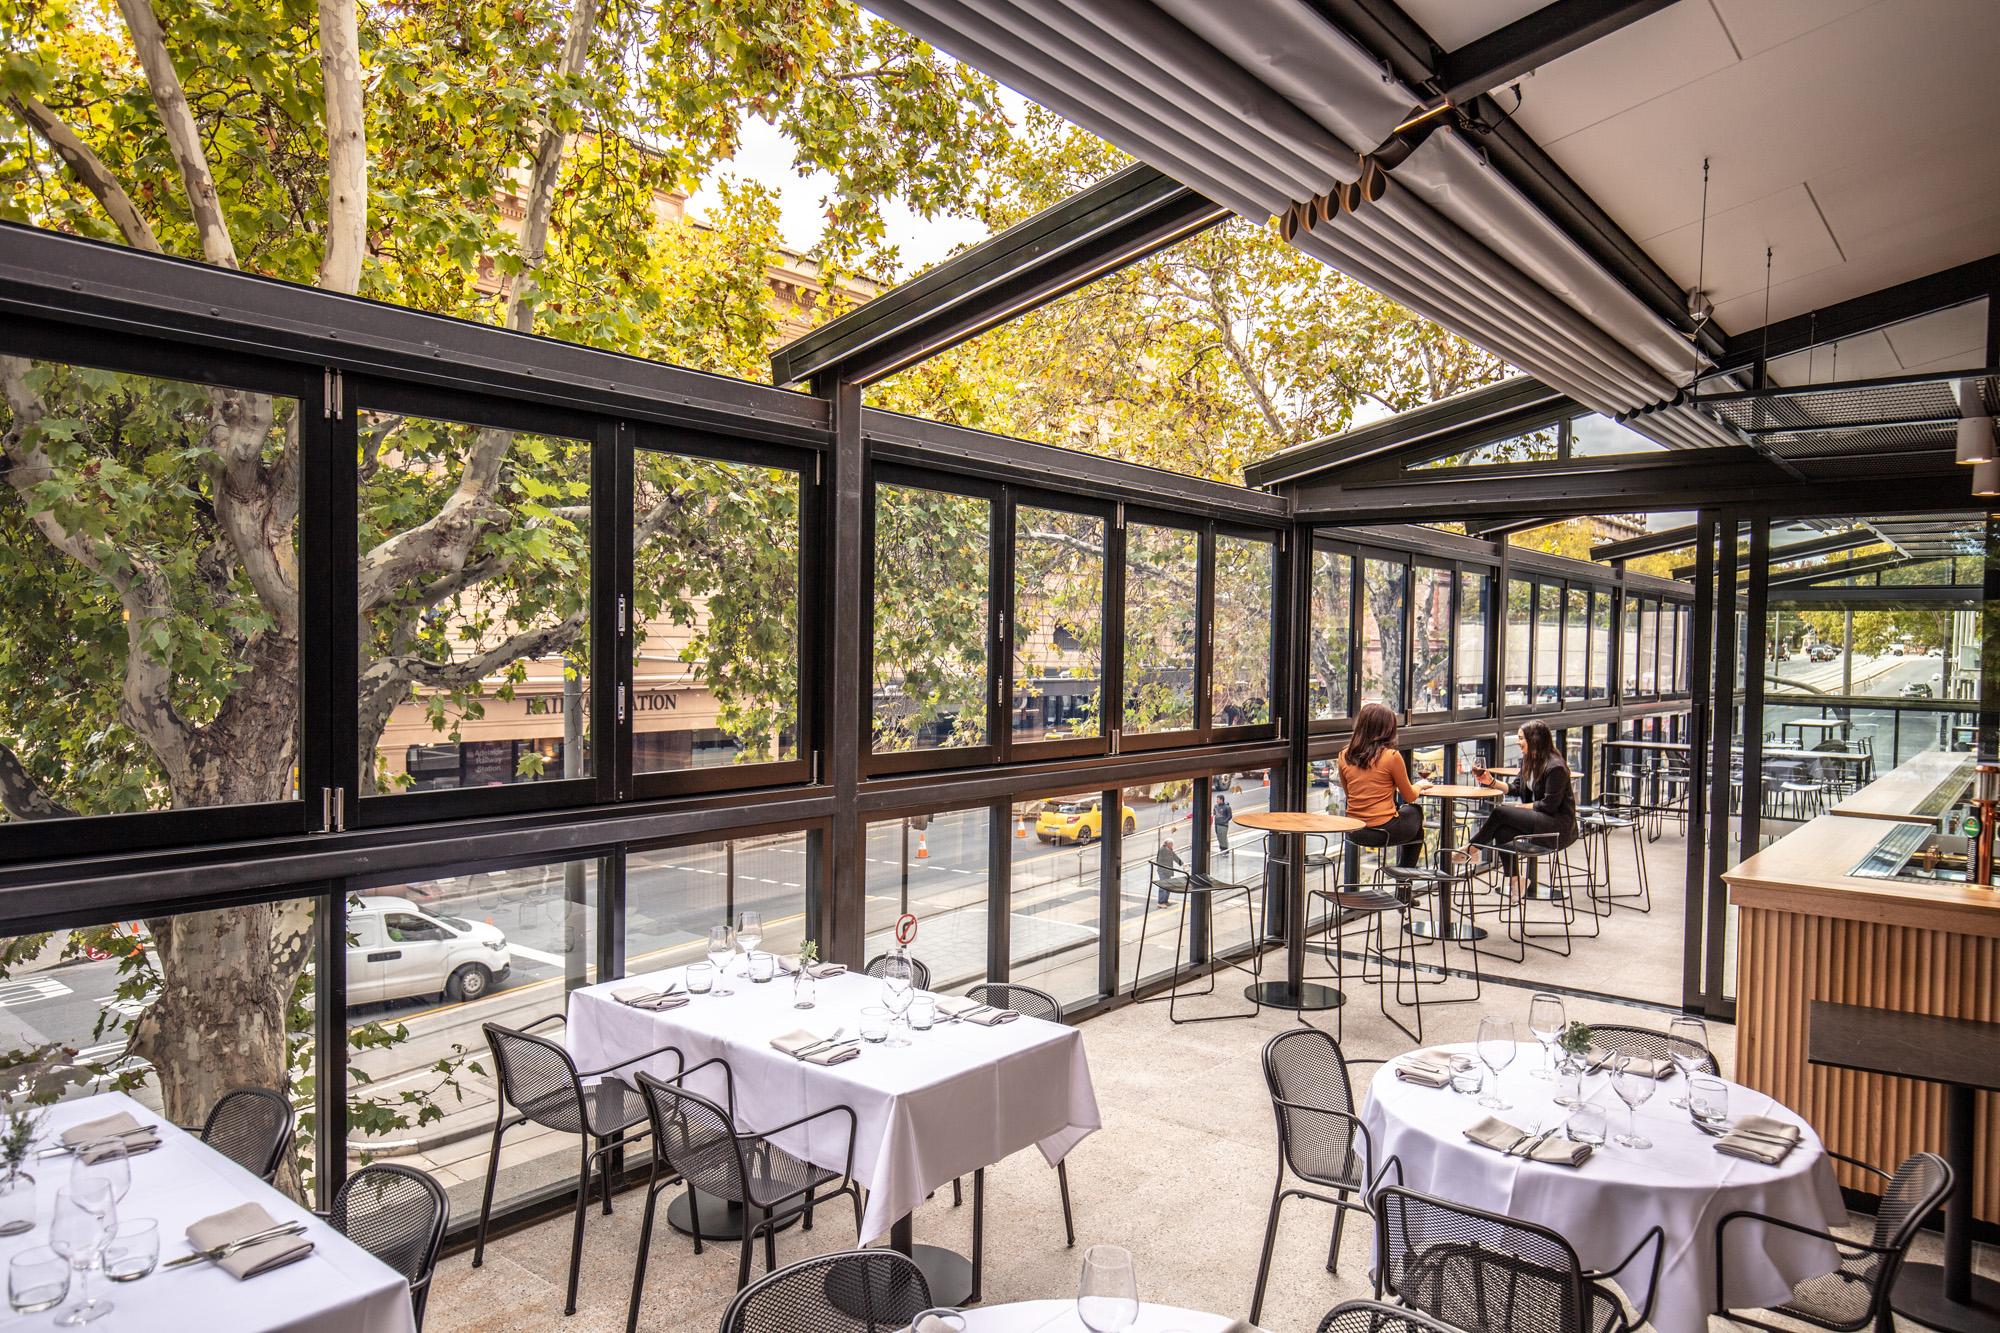 strathmore hotel adelaide verandah bar